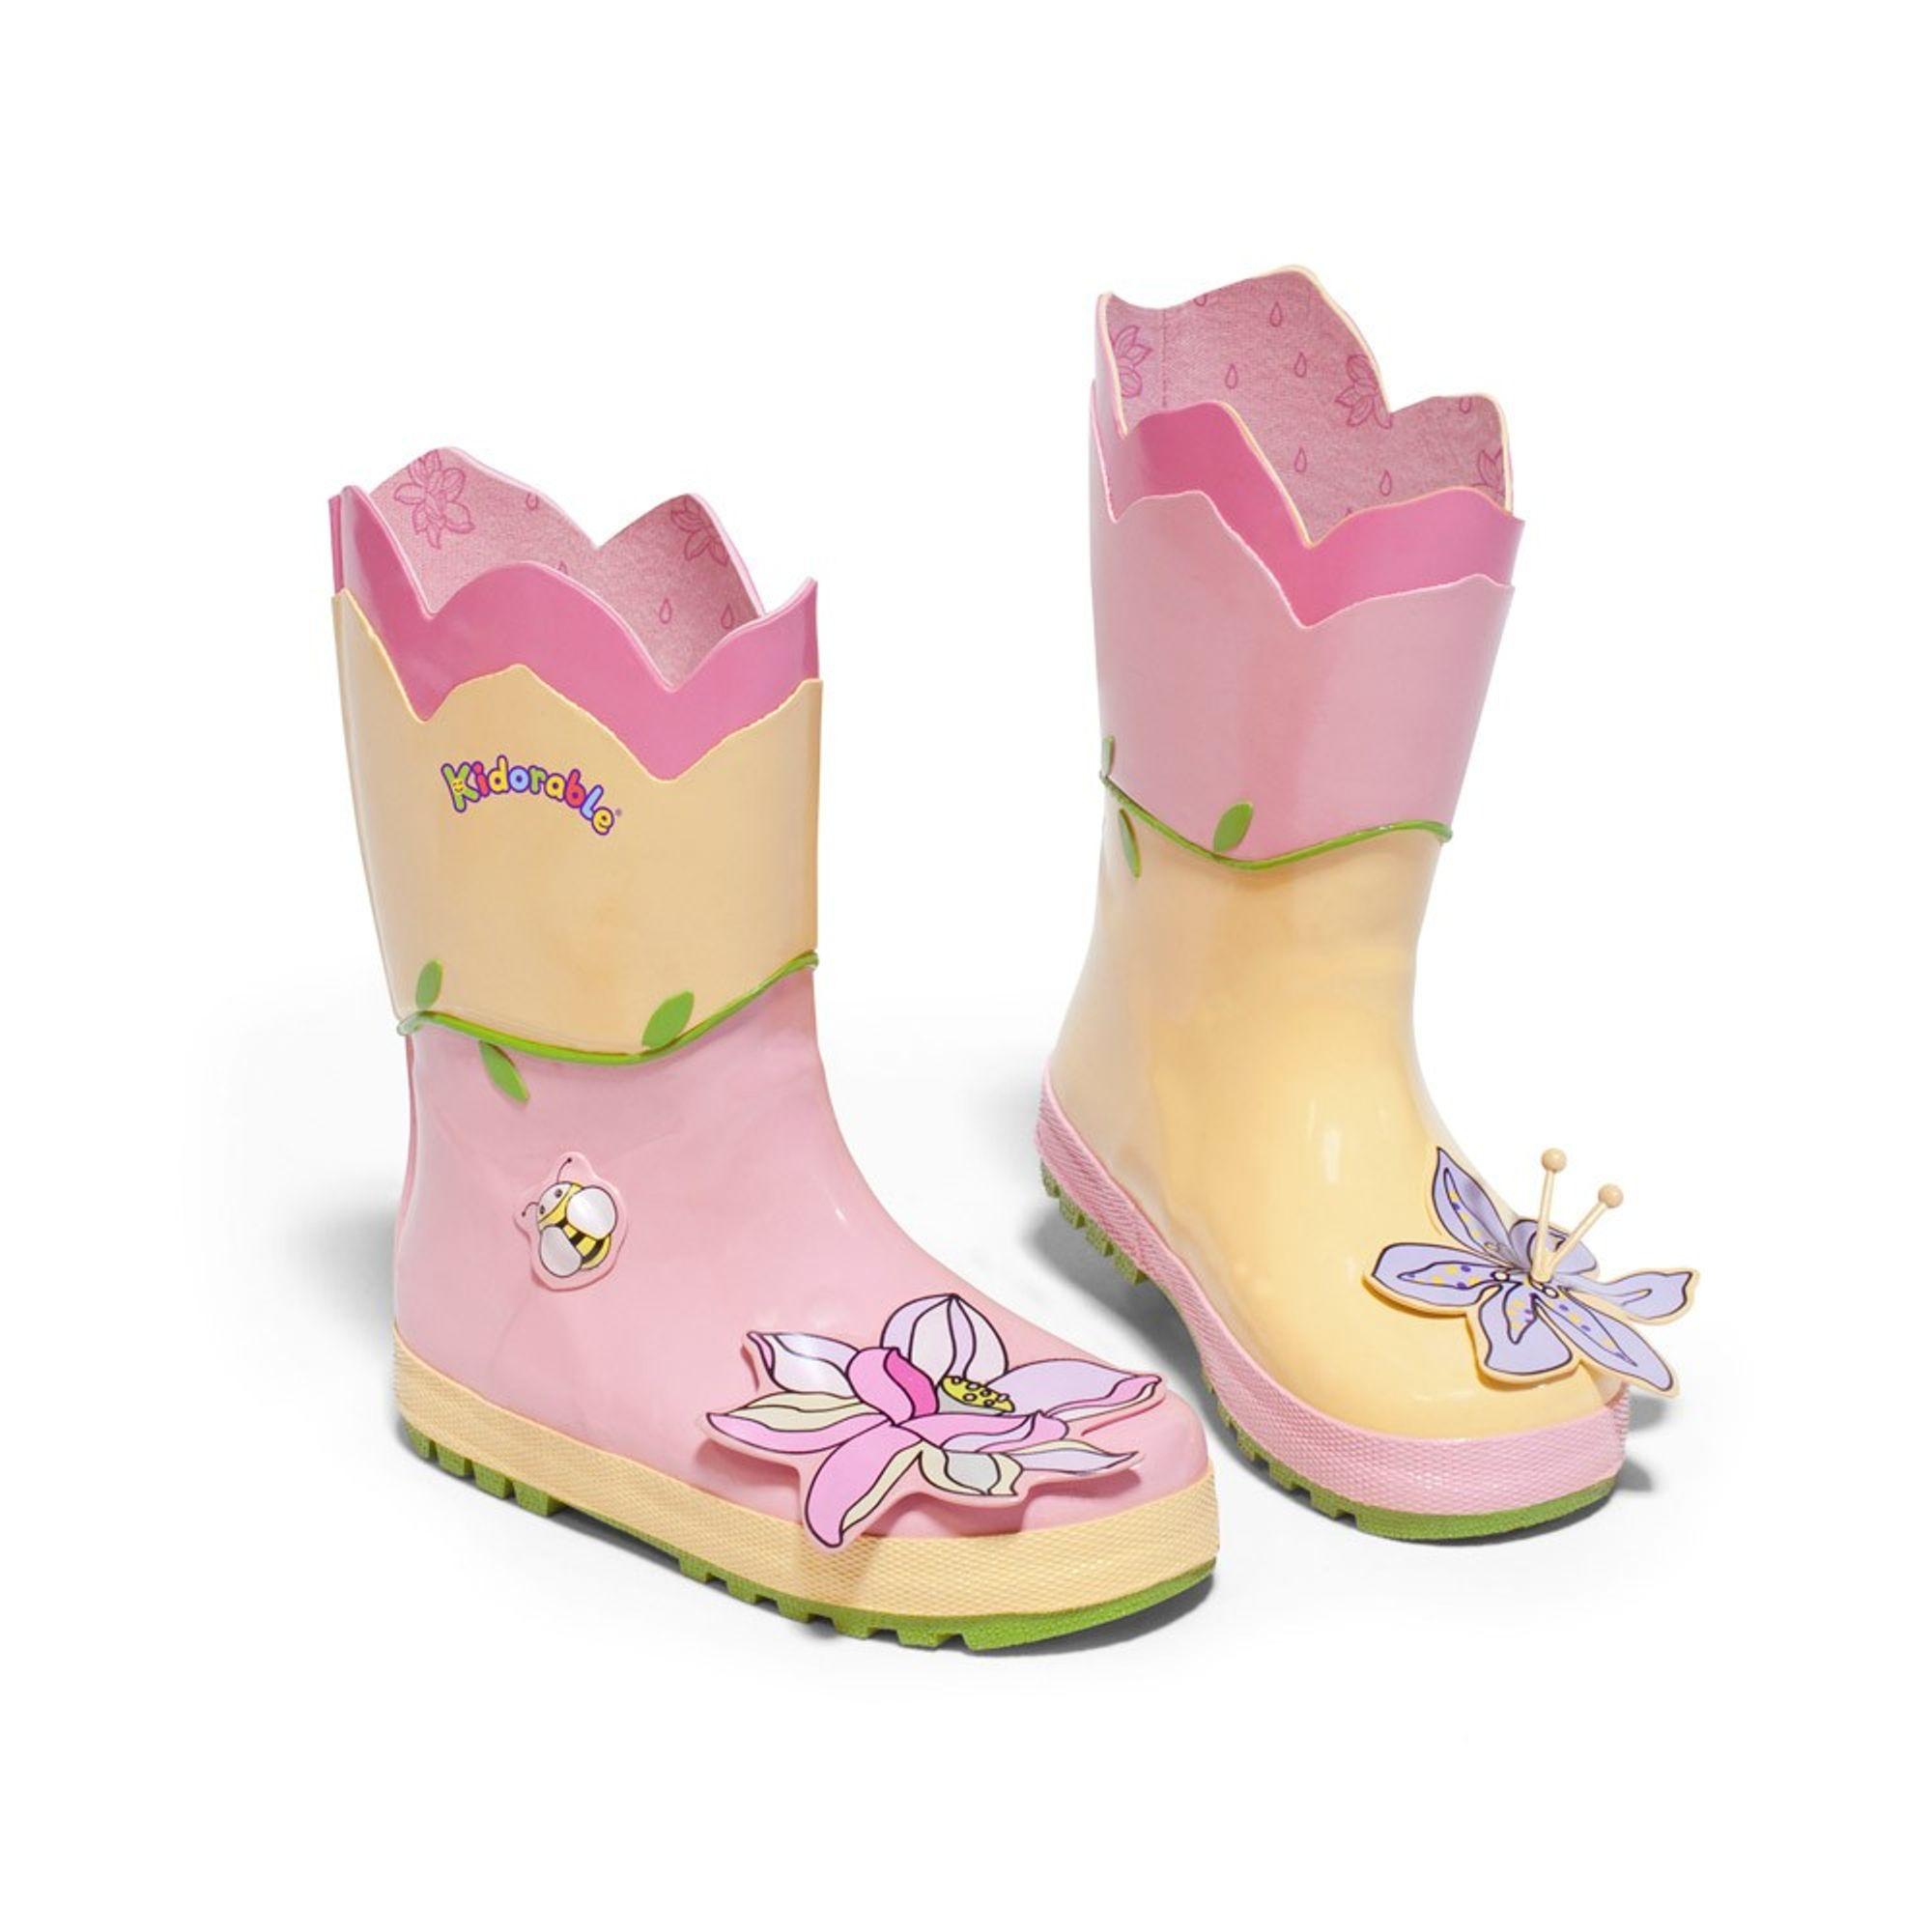 galocha-infantil-flor-lotus-kidorable